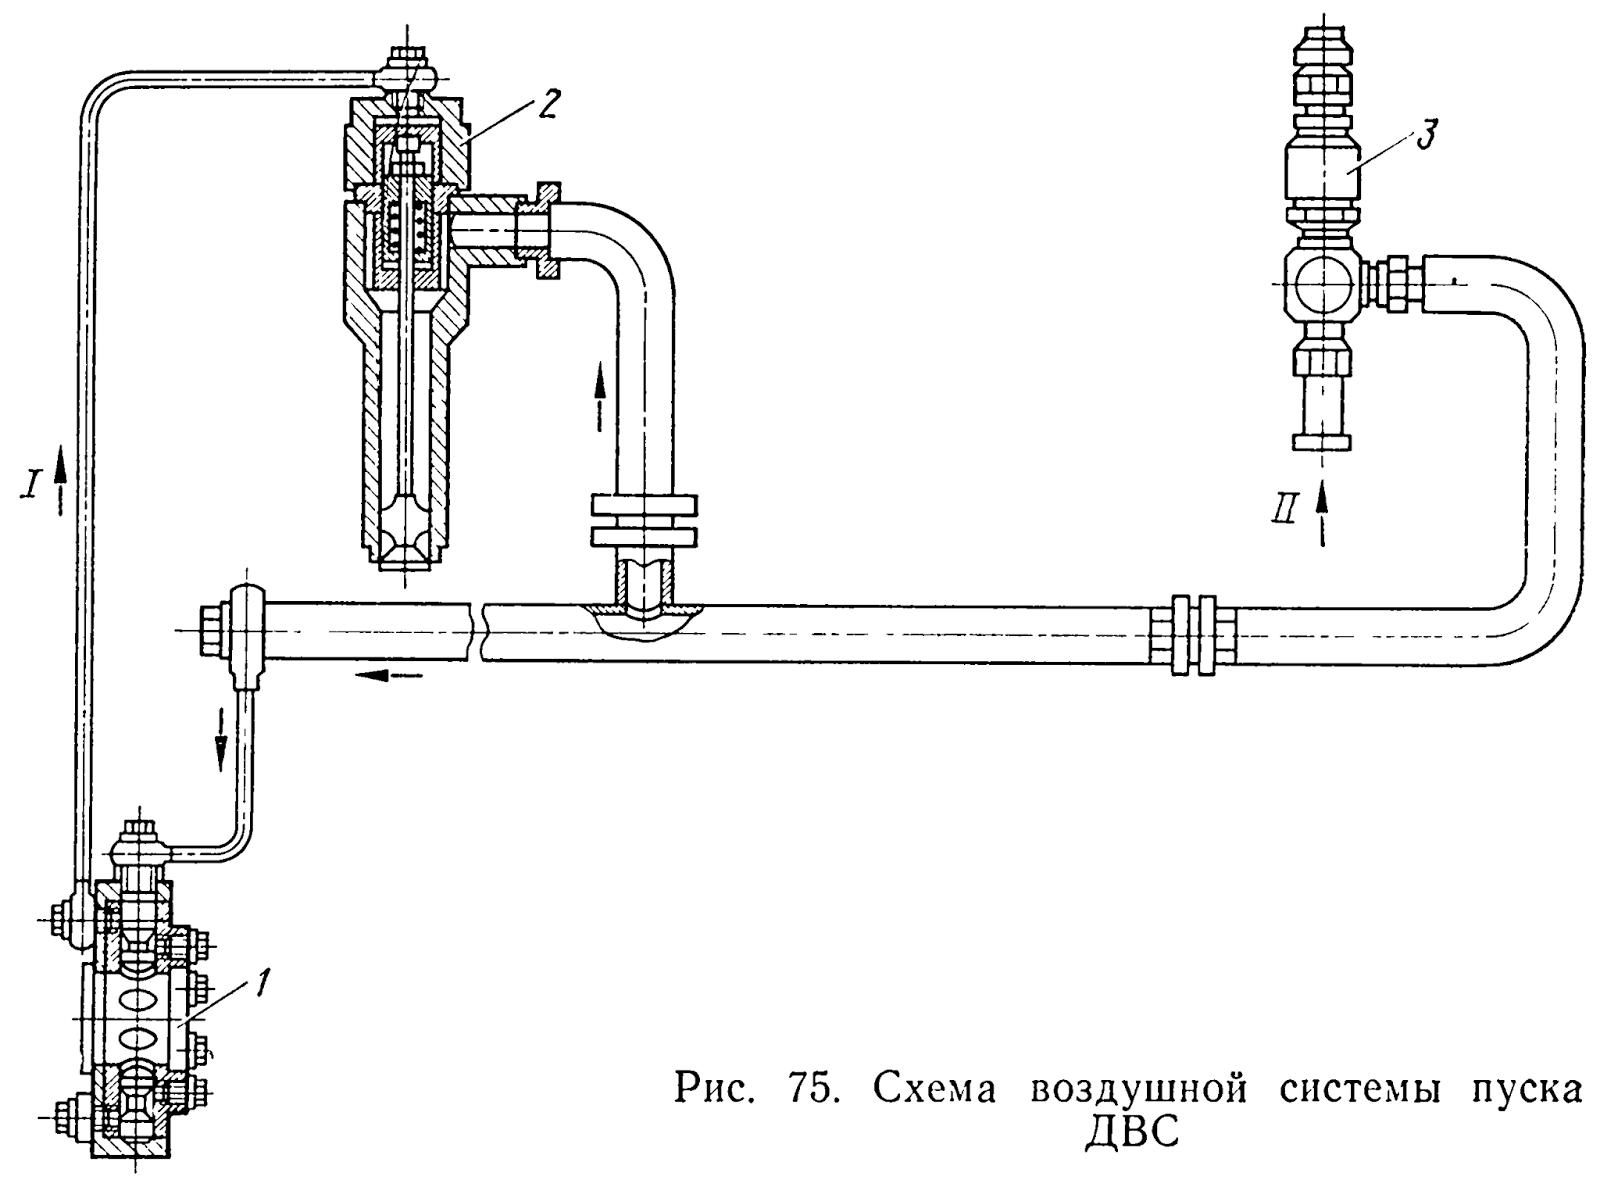 схема двигателя на сжатом воздуже